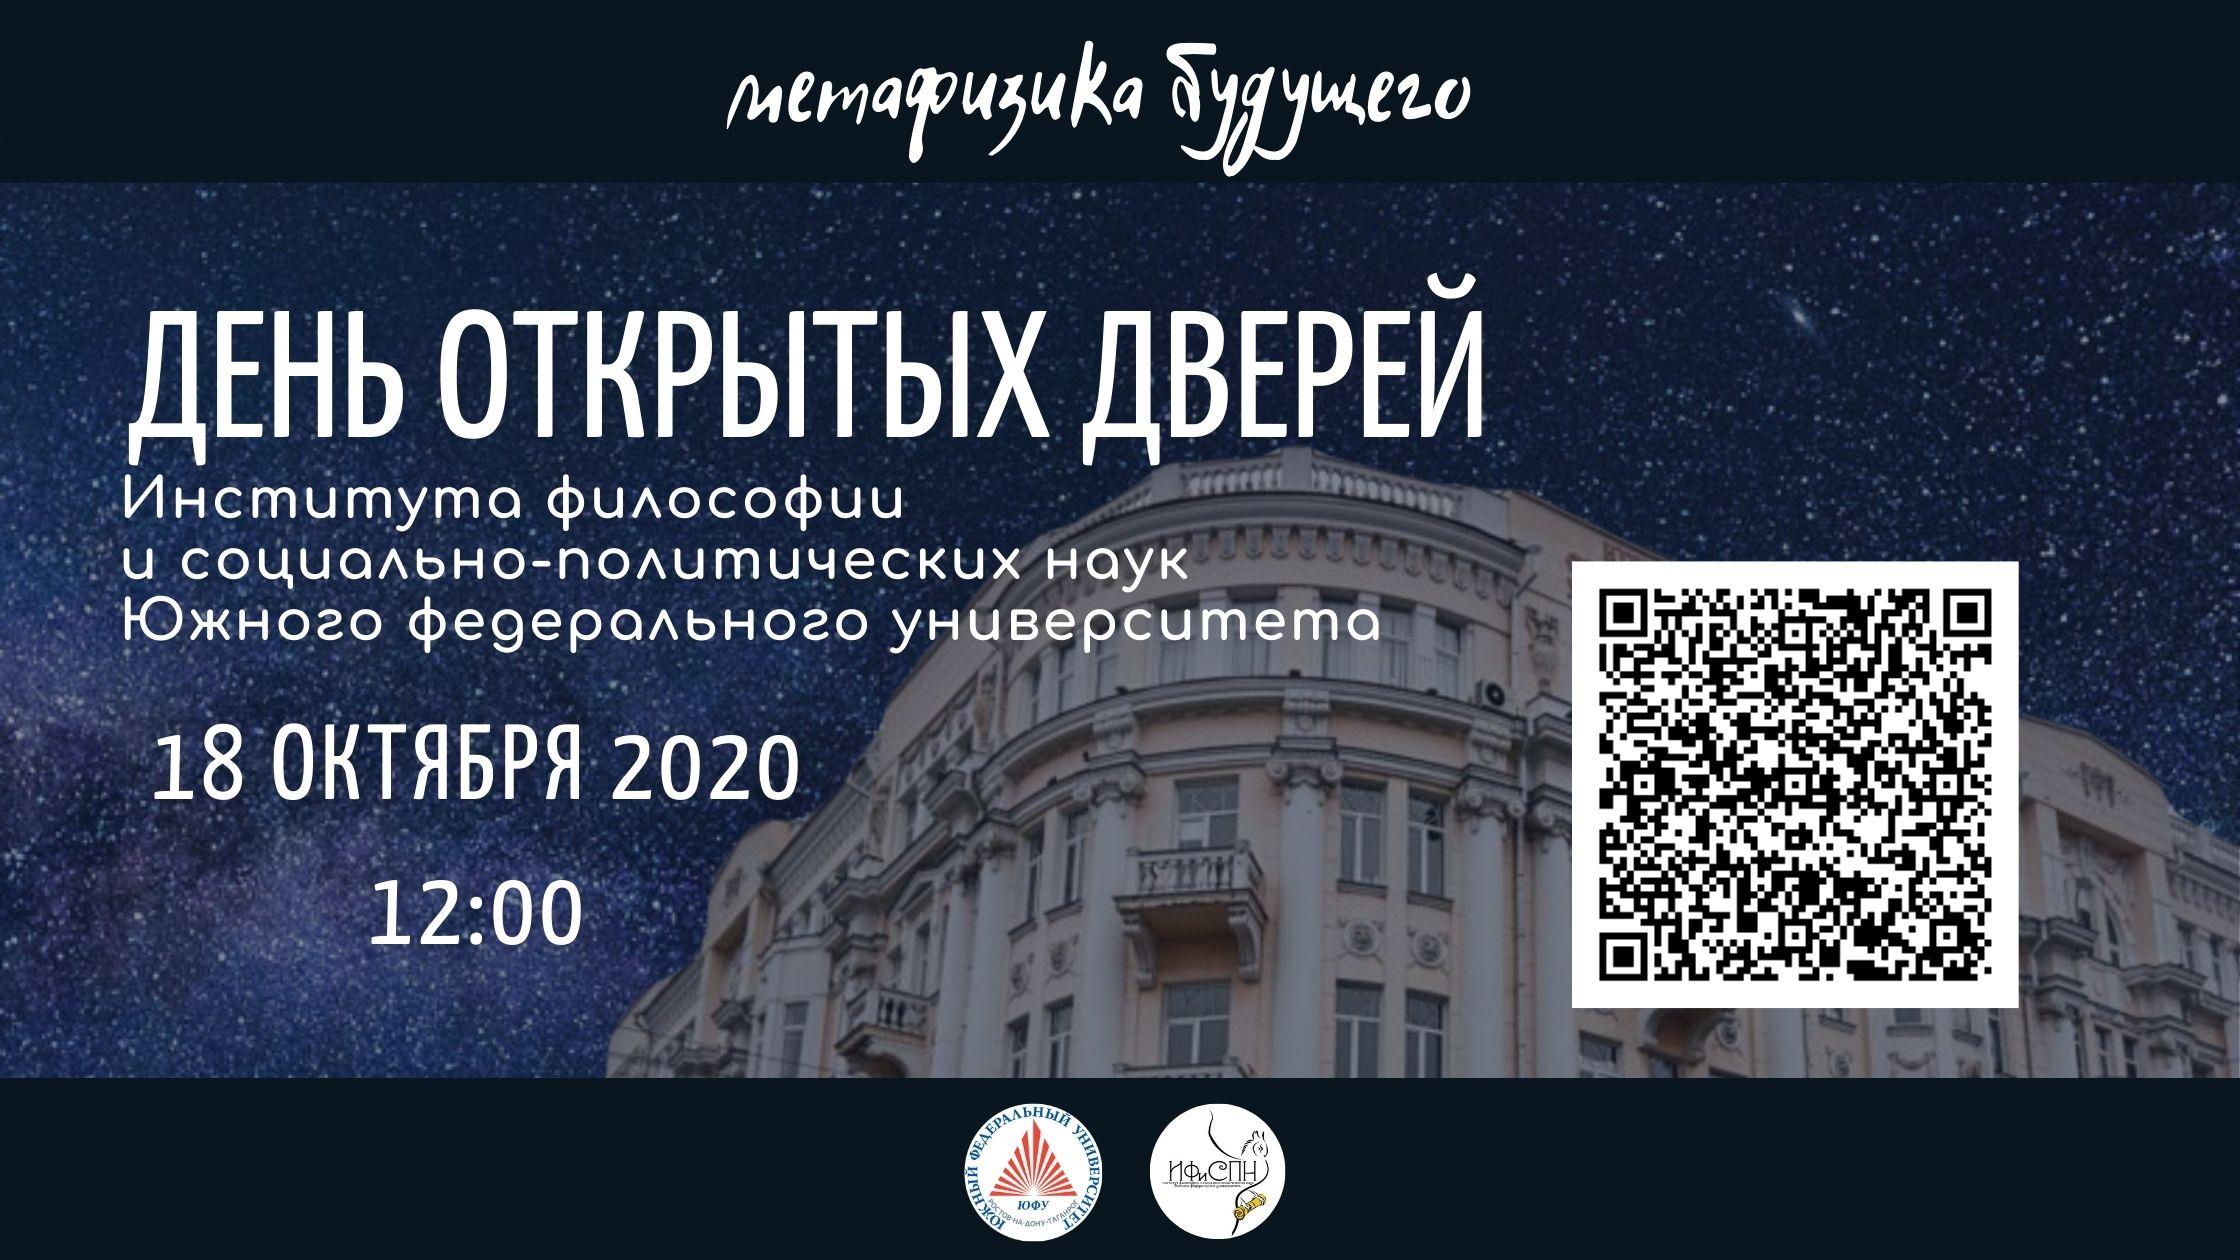 День открытых дверей в Институте философии и социально-политических наук ЮФУ